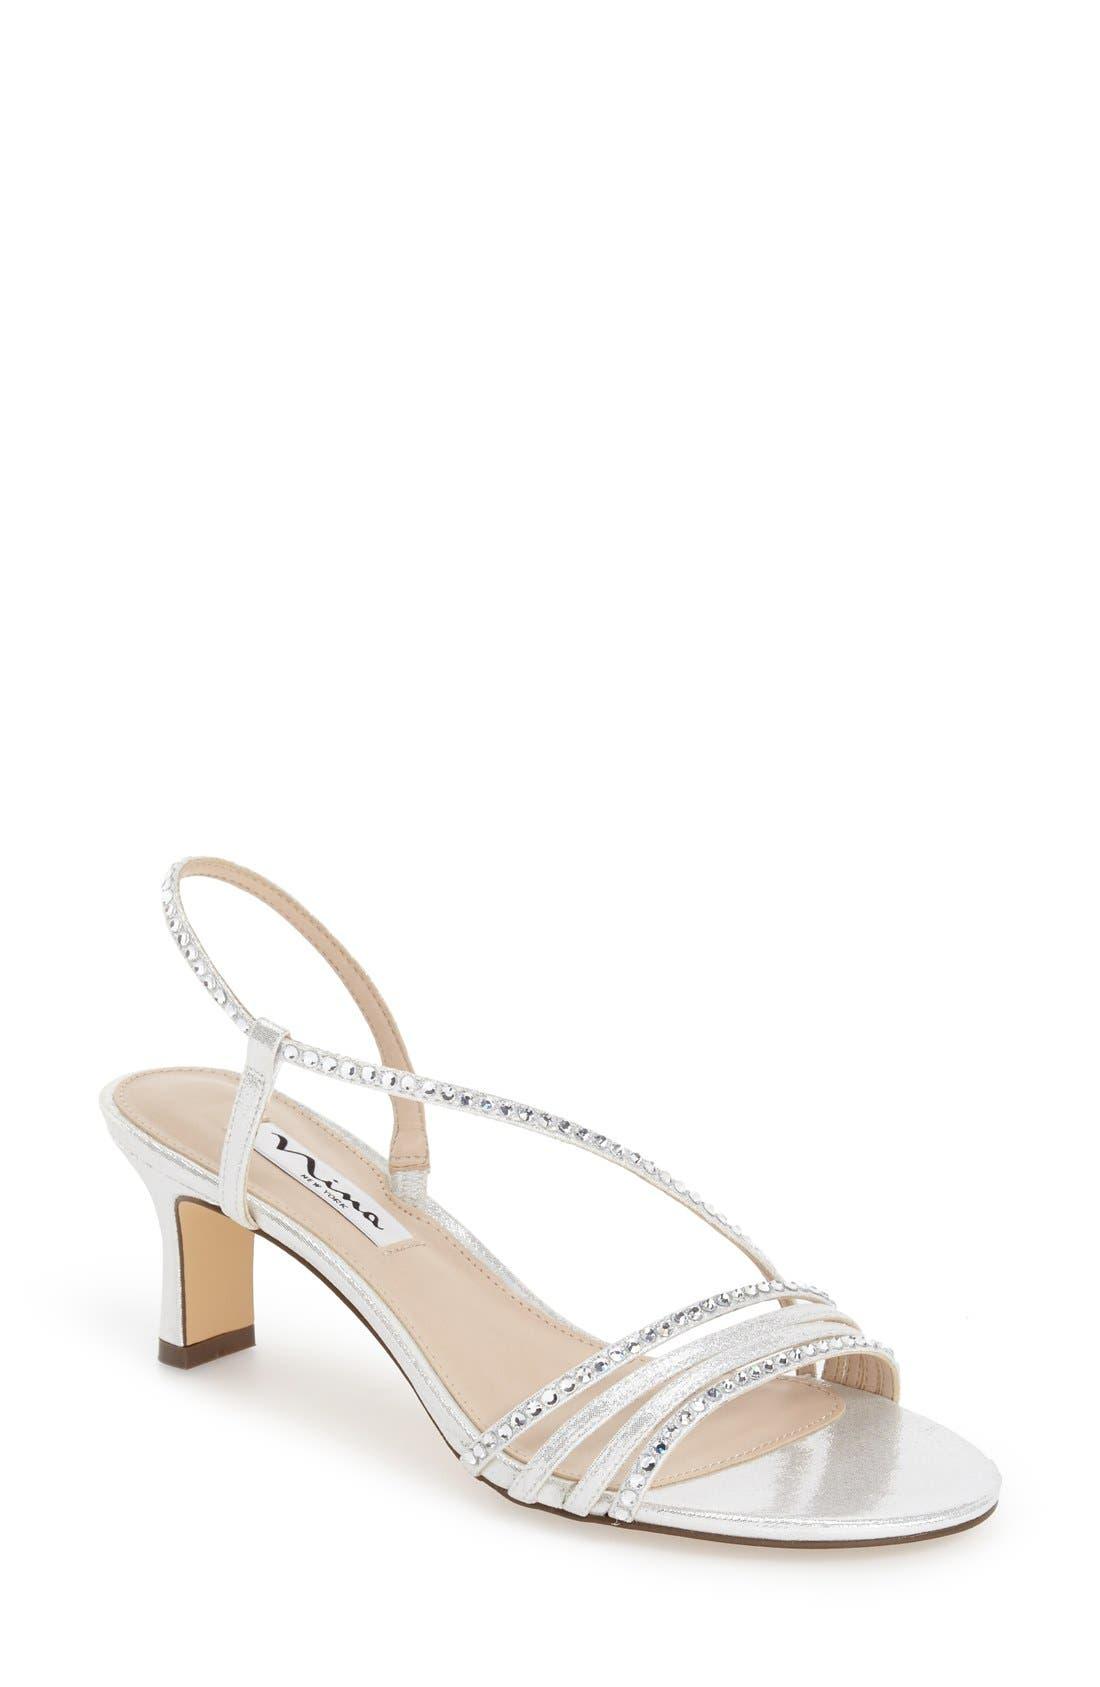 'Gerri' Embellished Slingback Sandal,                         Main,                         color, SILVER SUEDE